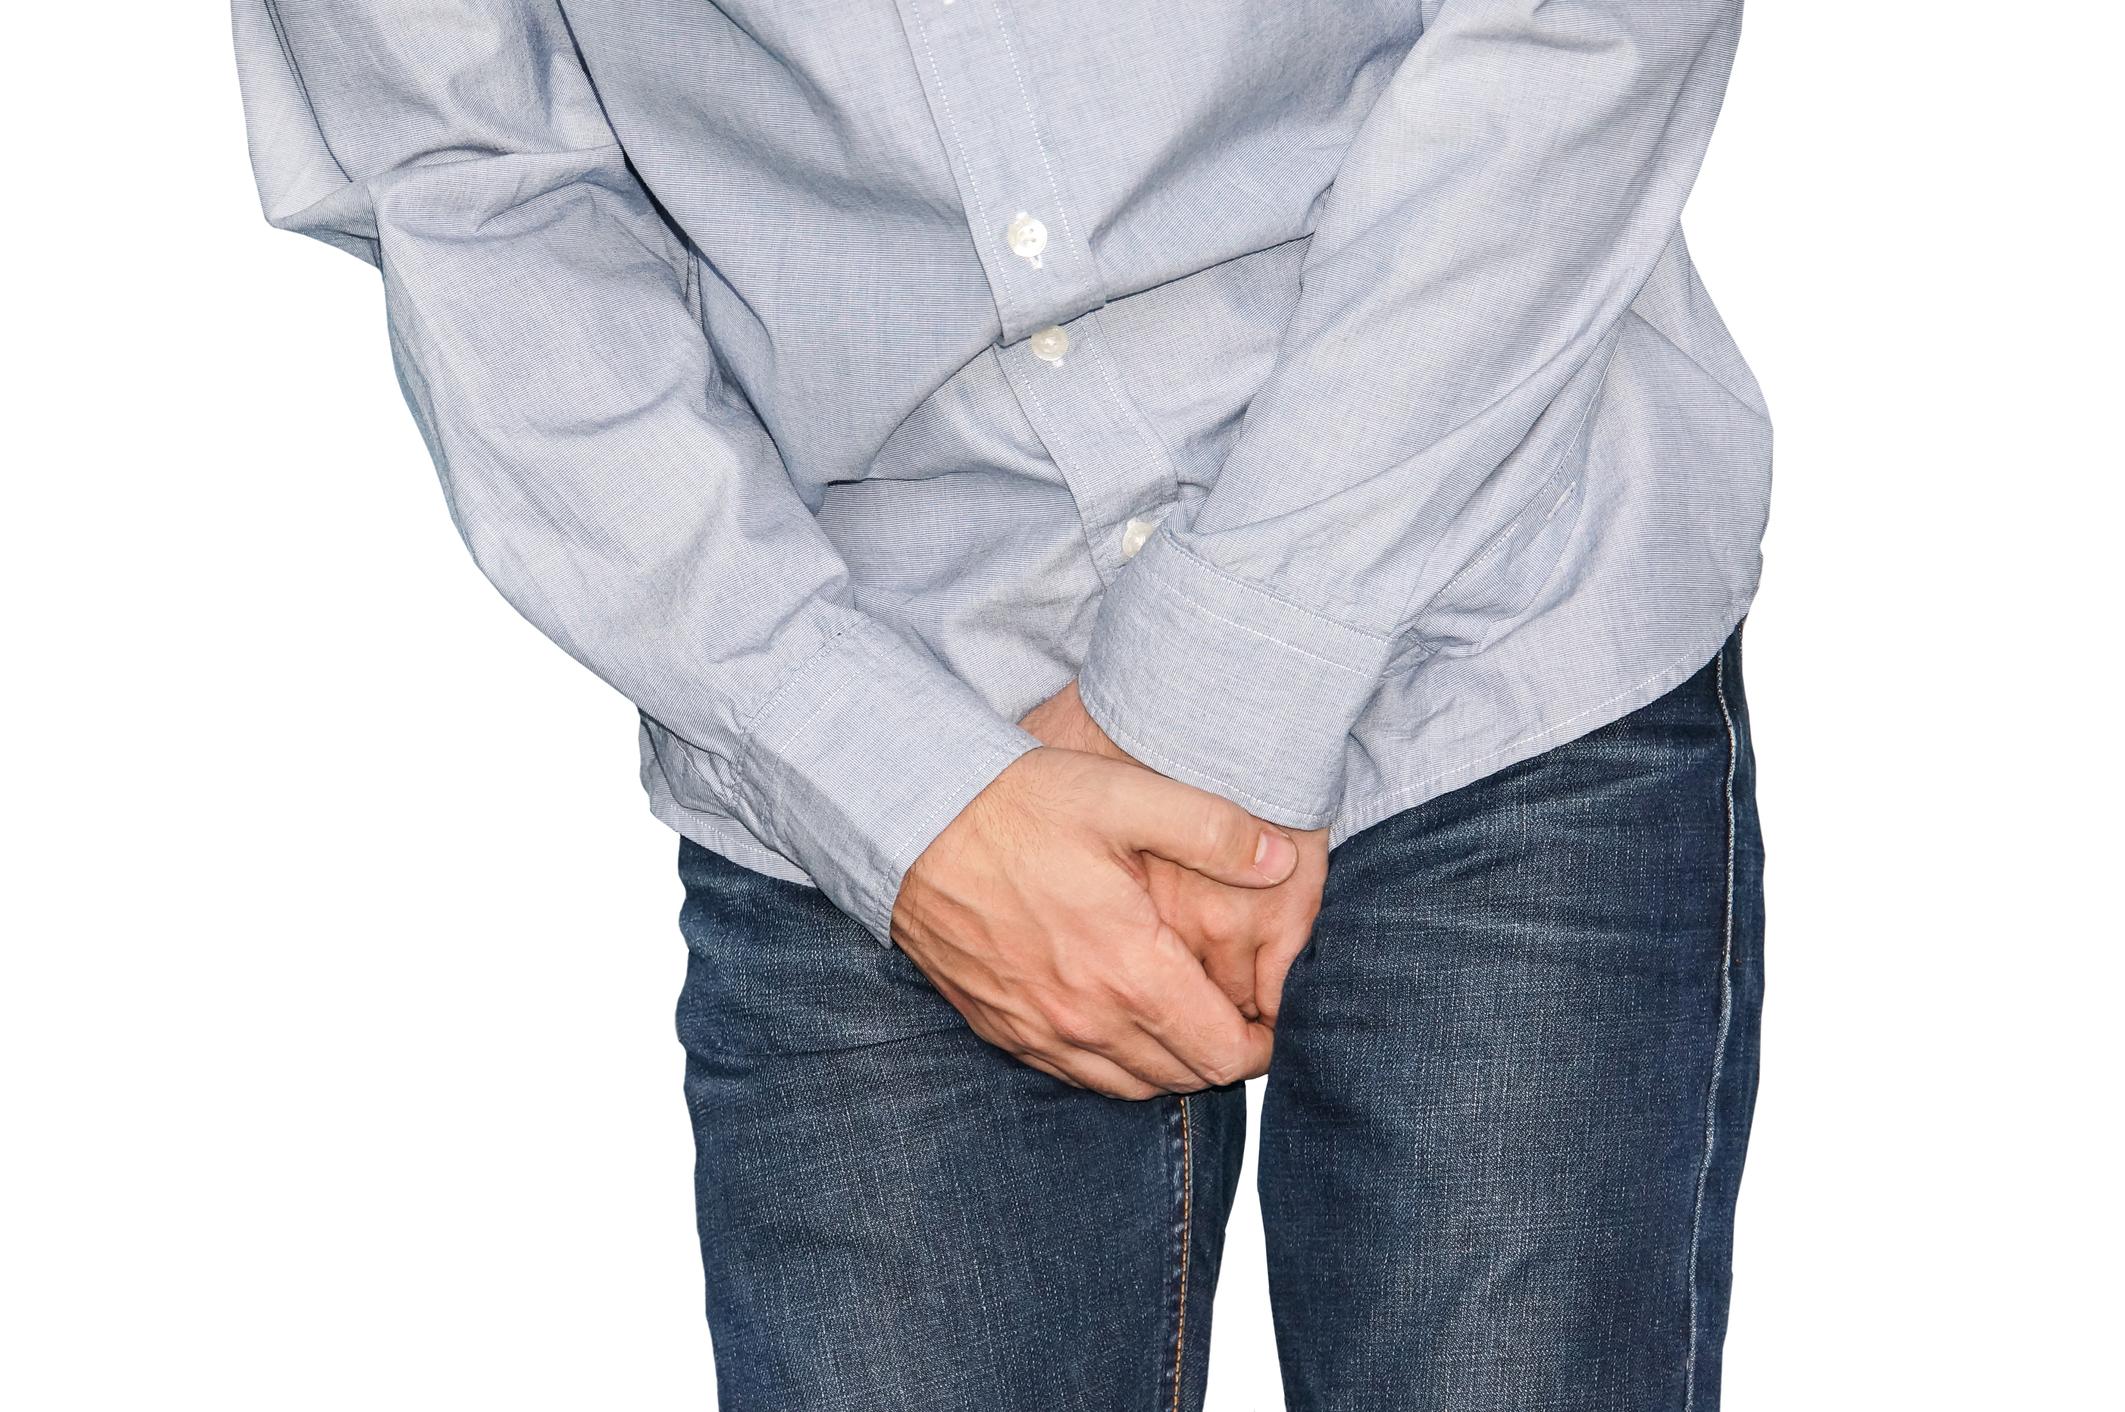 hogyan lehet erősíteni az erekciót 57 évesen)